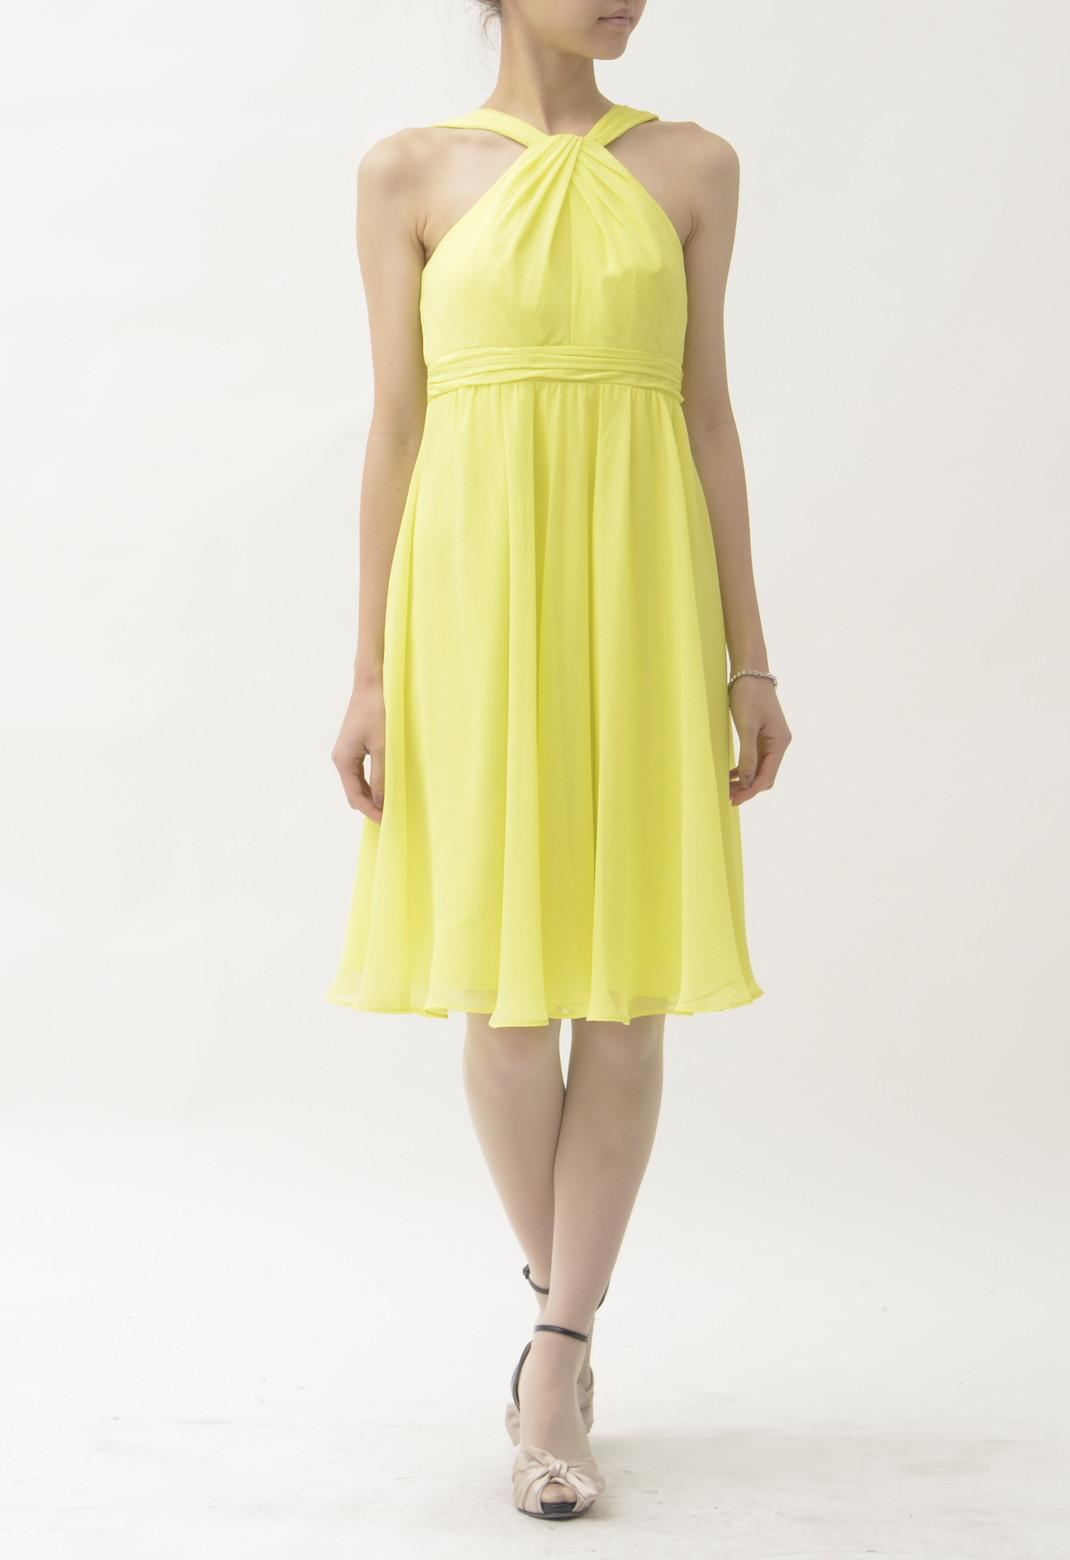 アメリカンスリーブ ドレス